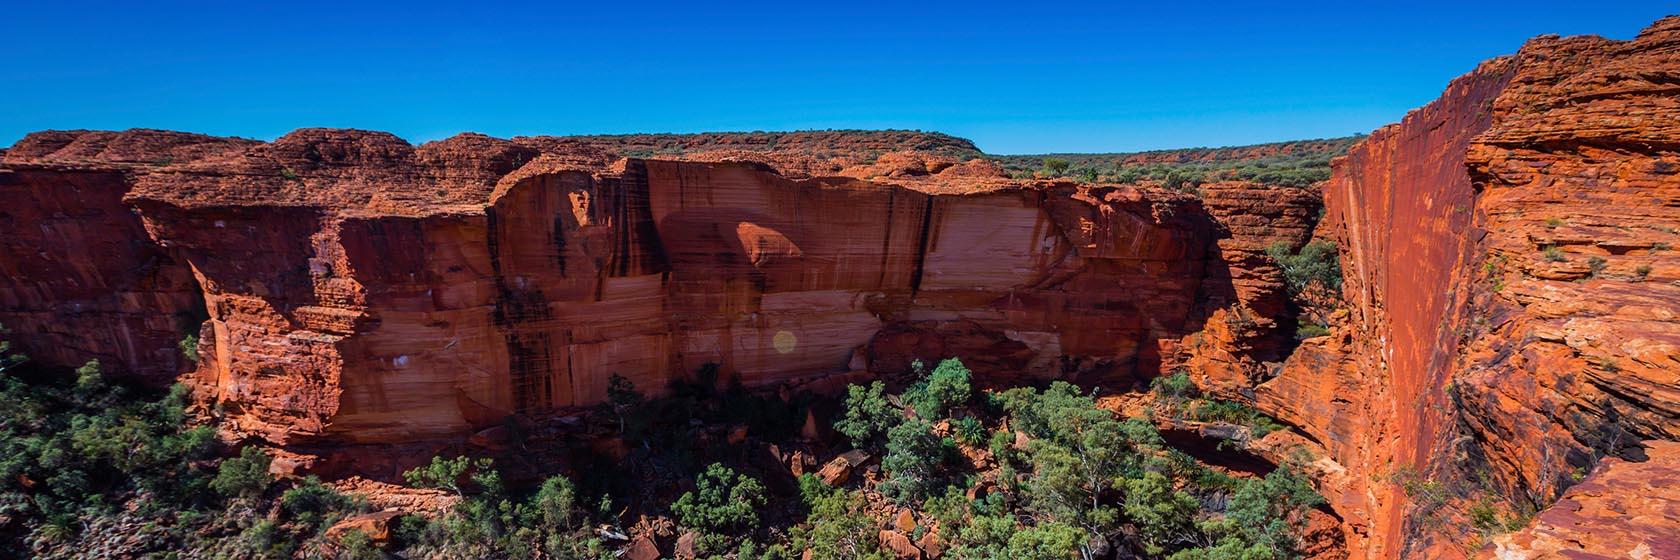 australias-rocks